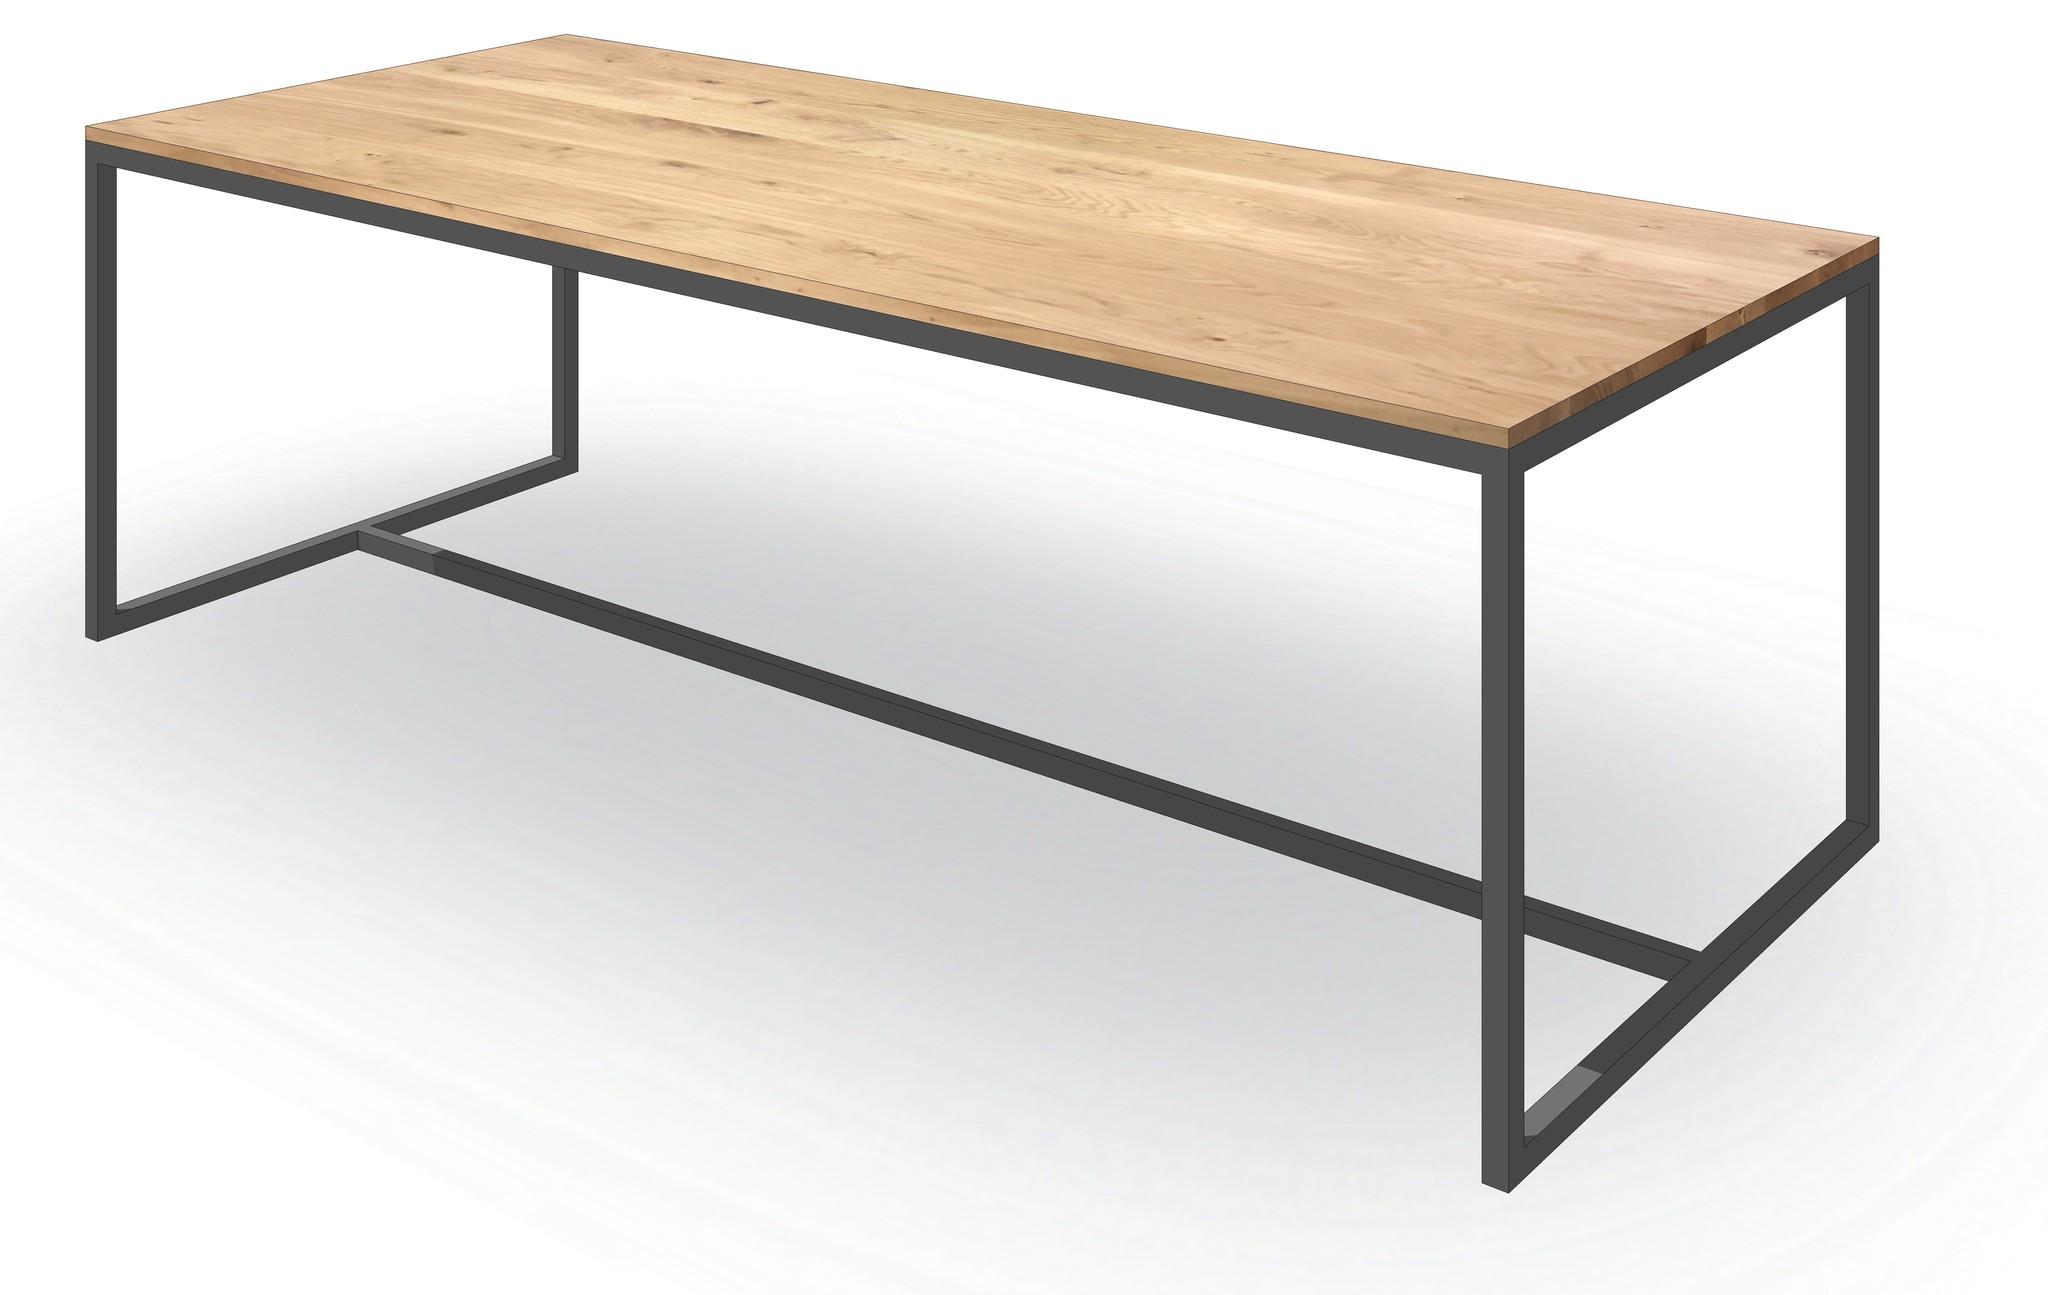 Industriele Tafel Met Stalen Onderstel.Een Boomstamtafel Puur Natuur Woodcreations